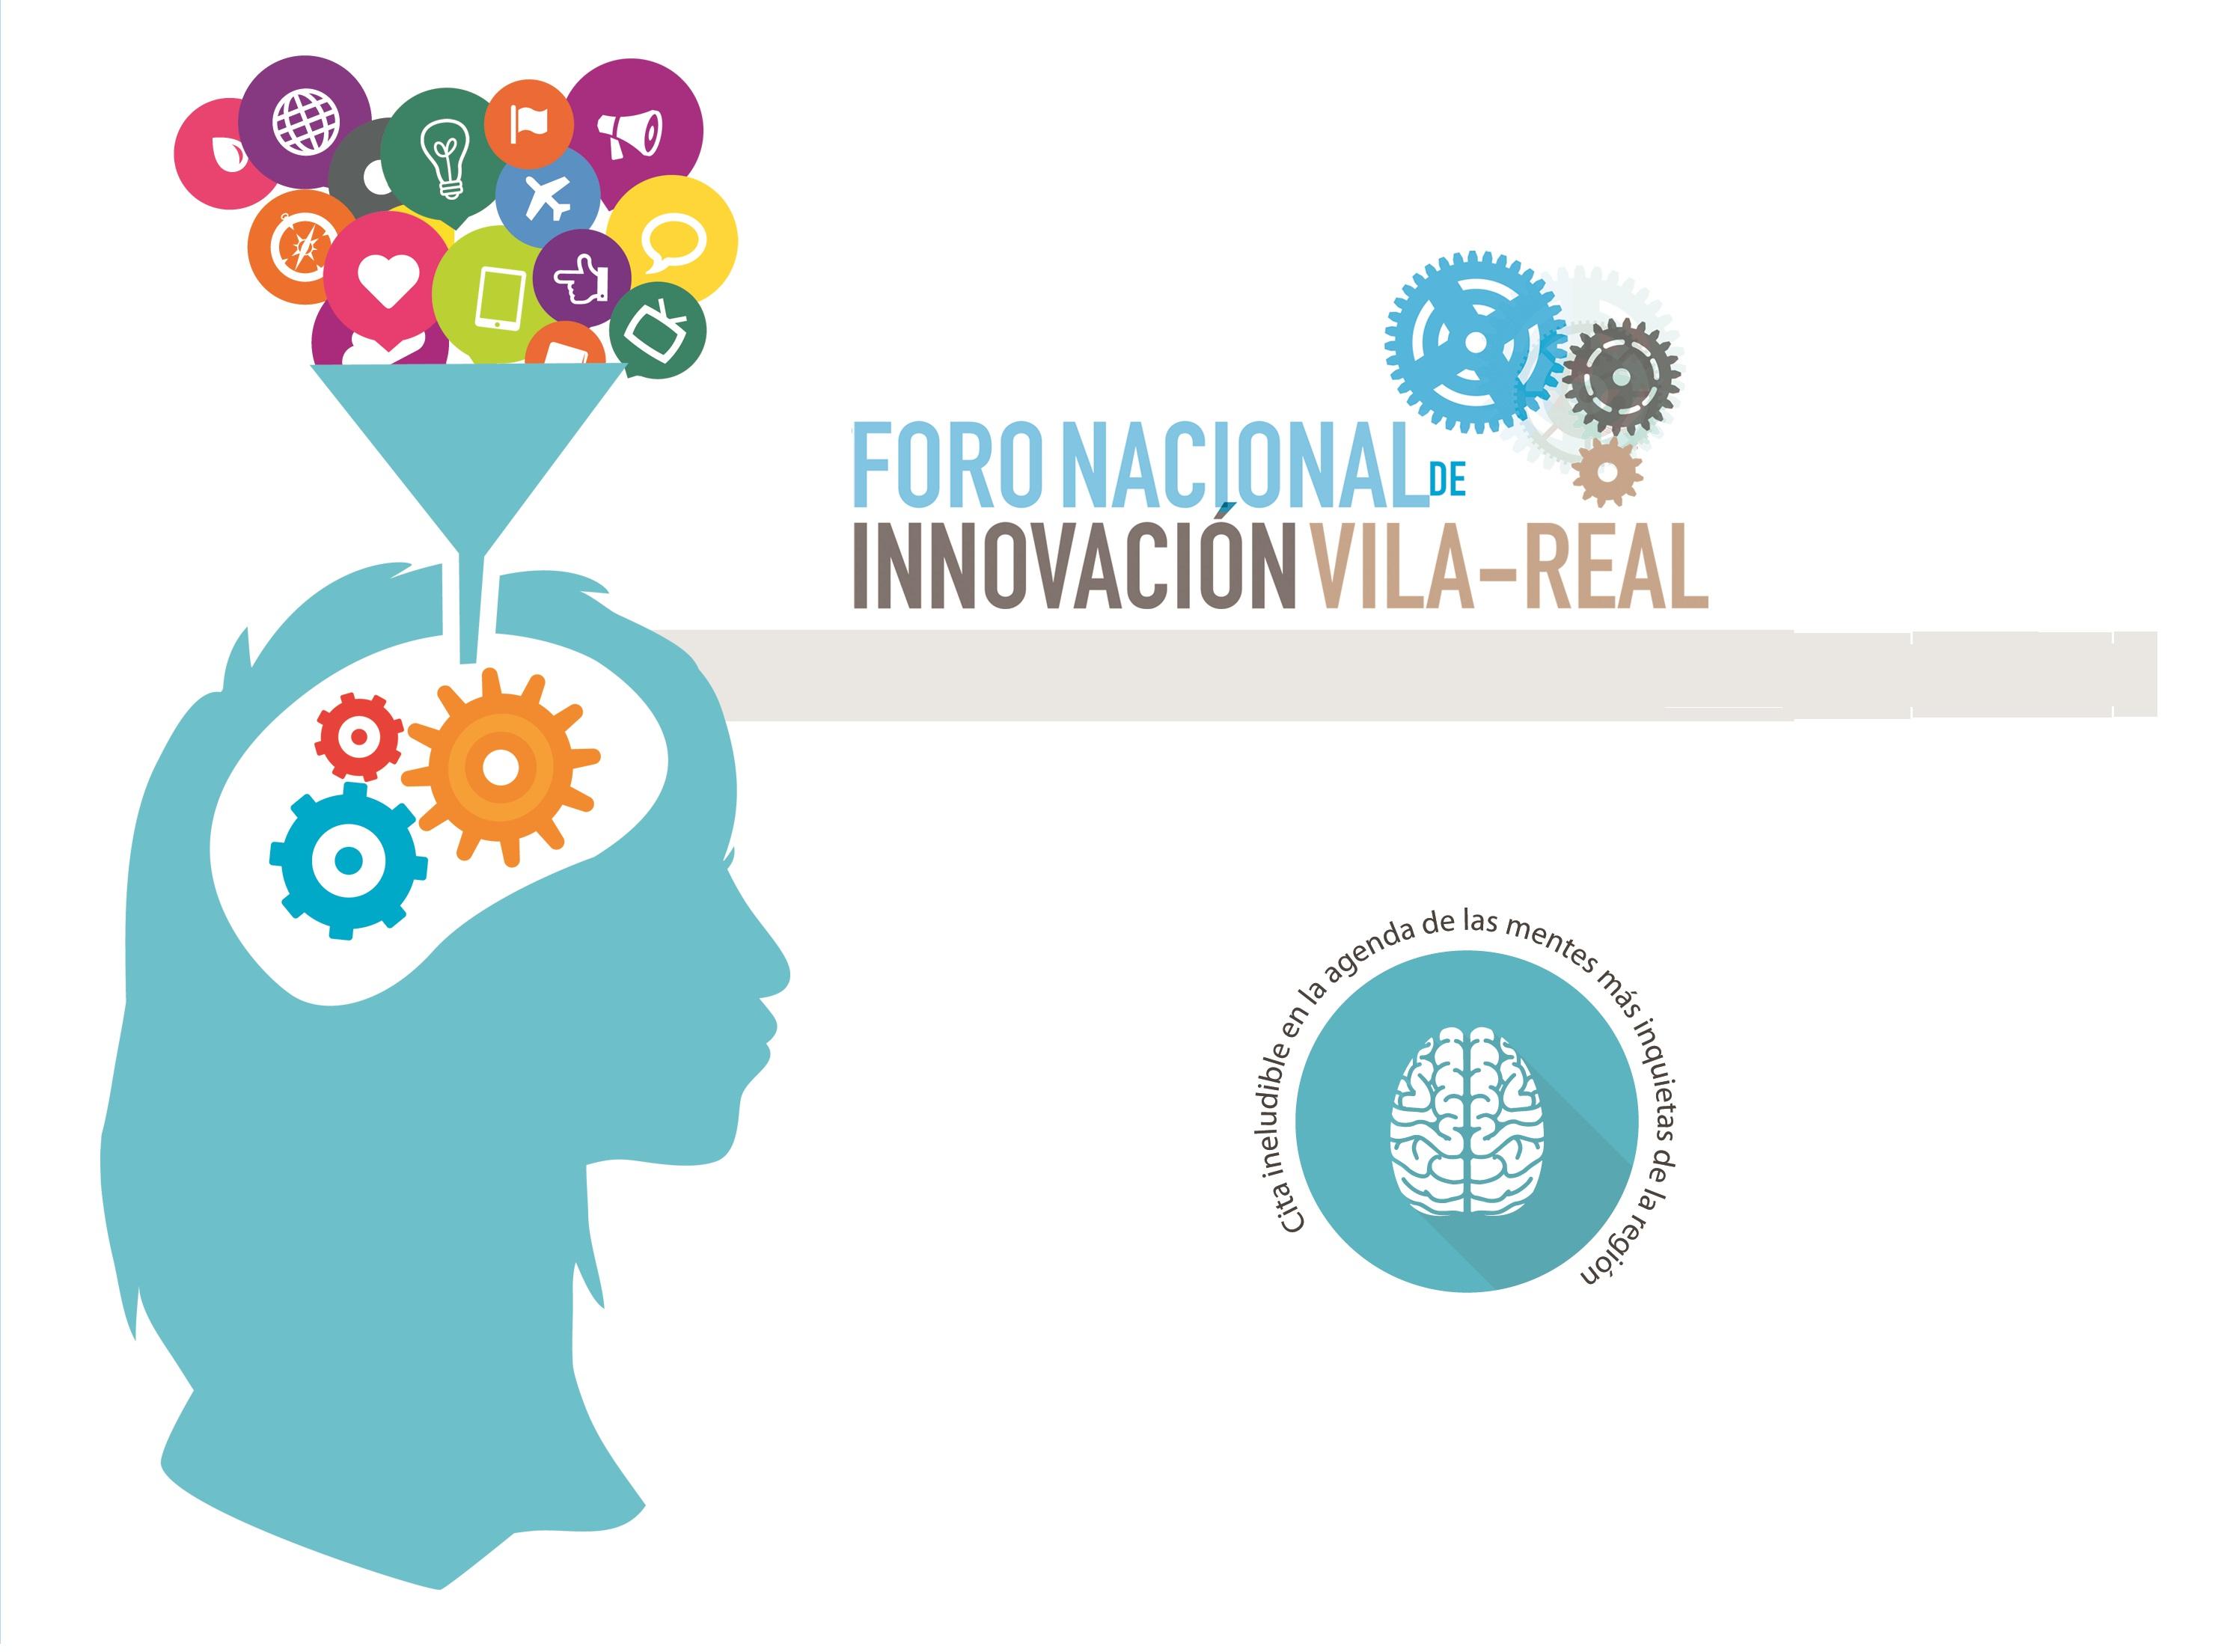 Fòrum Innovació Vila-real